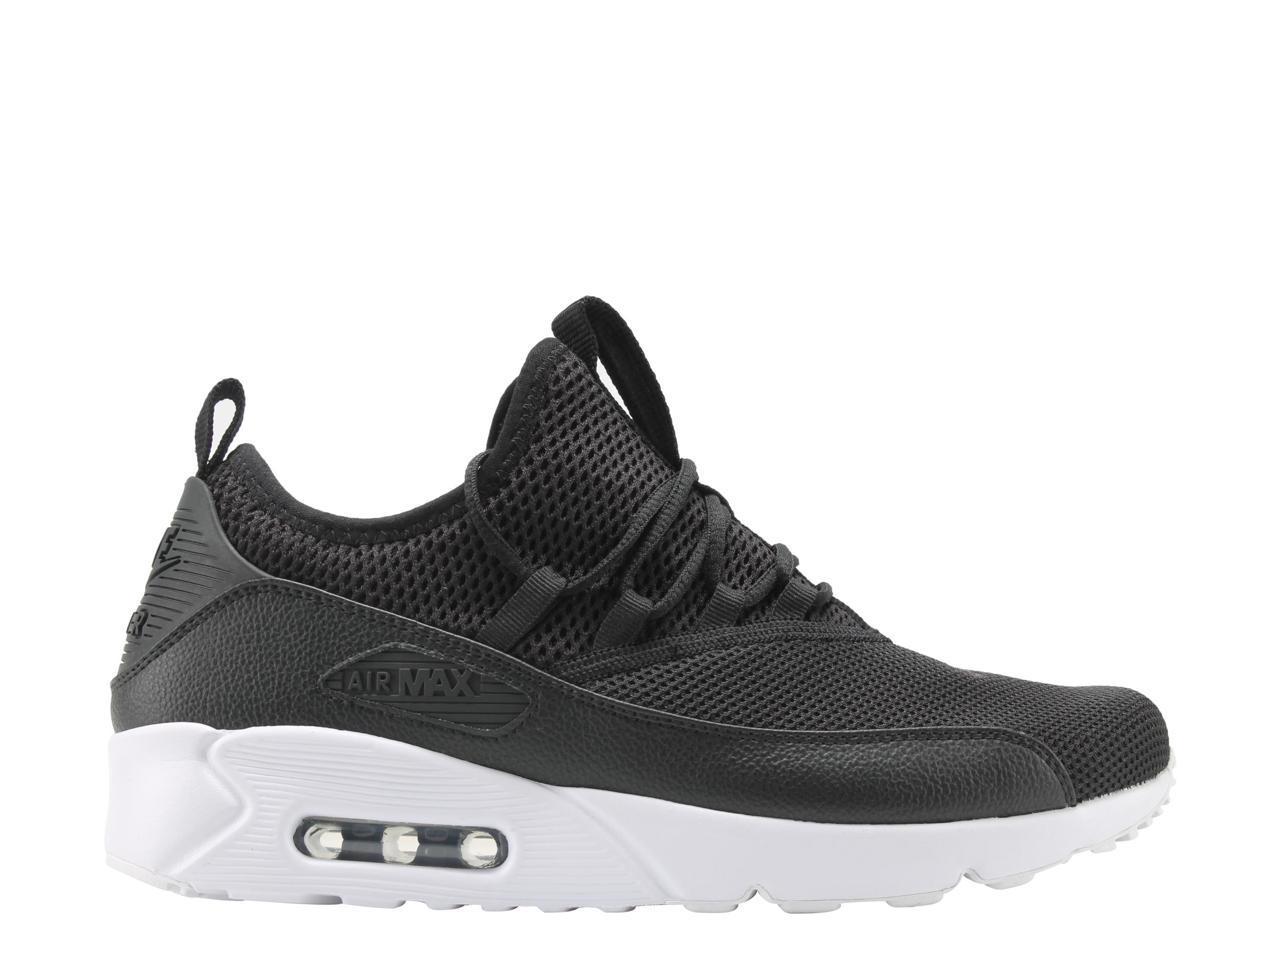 spain nike air max motion mens shoes black 2002 4d2ef df2bf